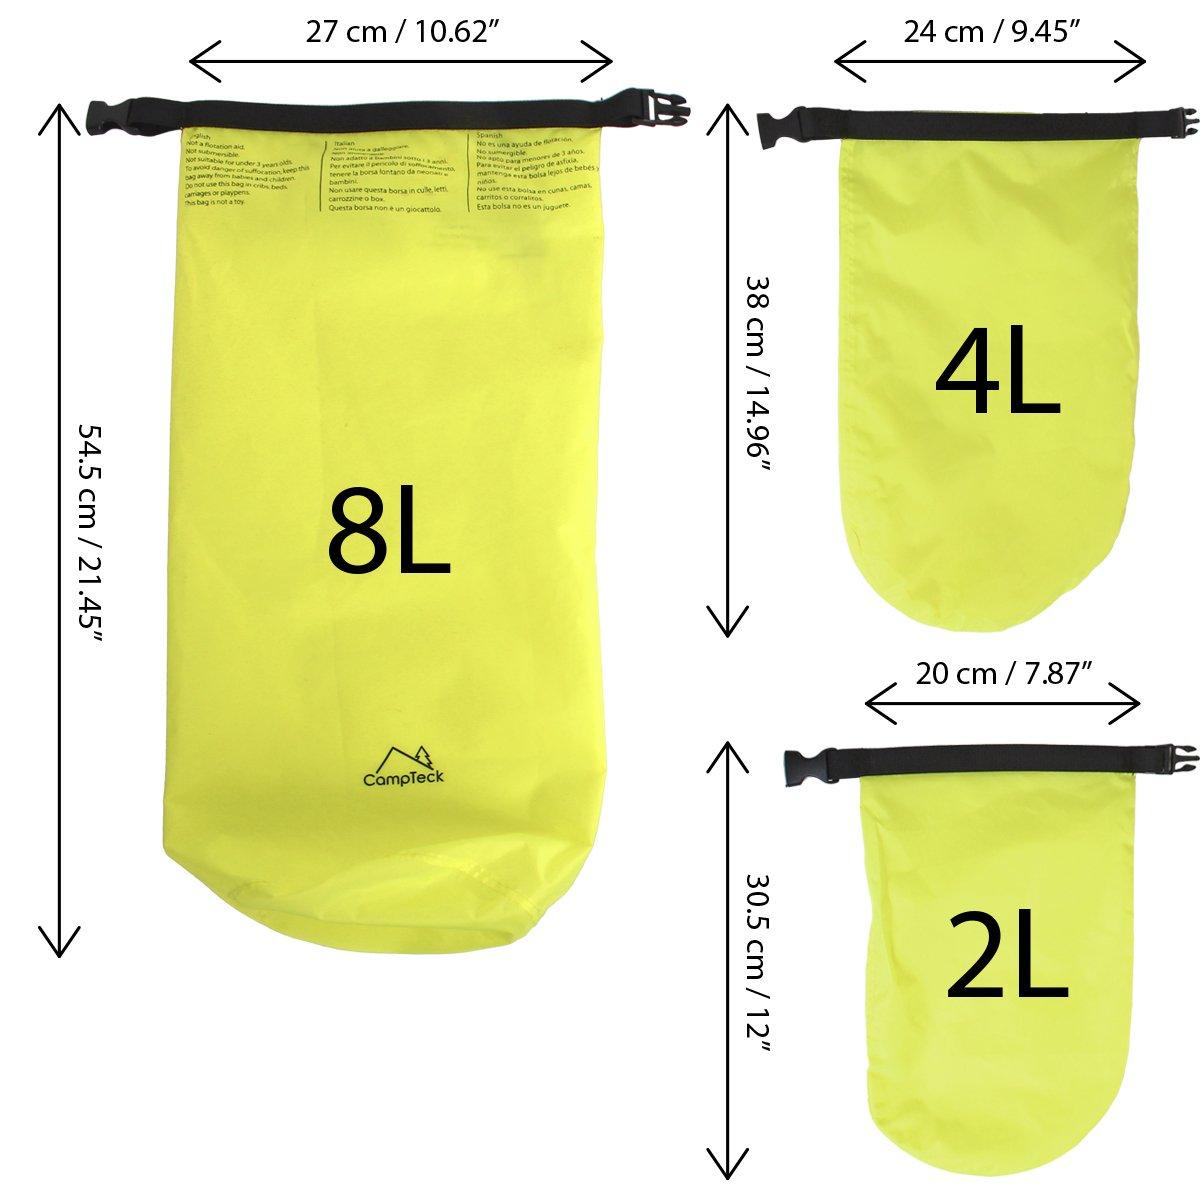 Canoa Snowboard Pesca CampTeck Dry Bag Bolsa Seca Resistente al Agua para Camping Verde Neon Kayak etc Rafting